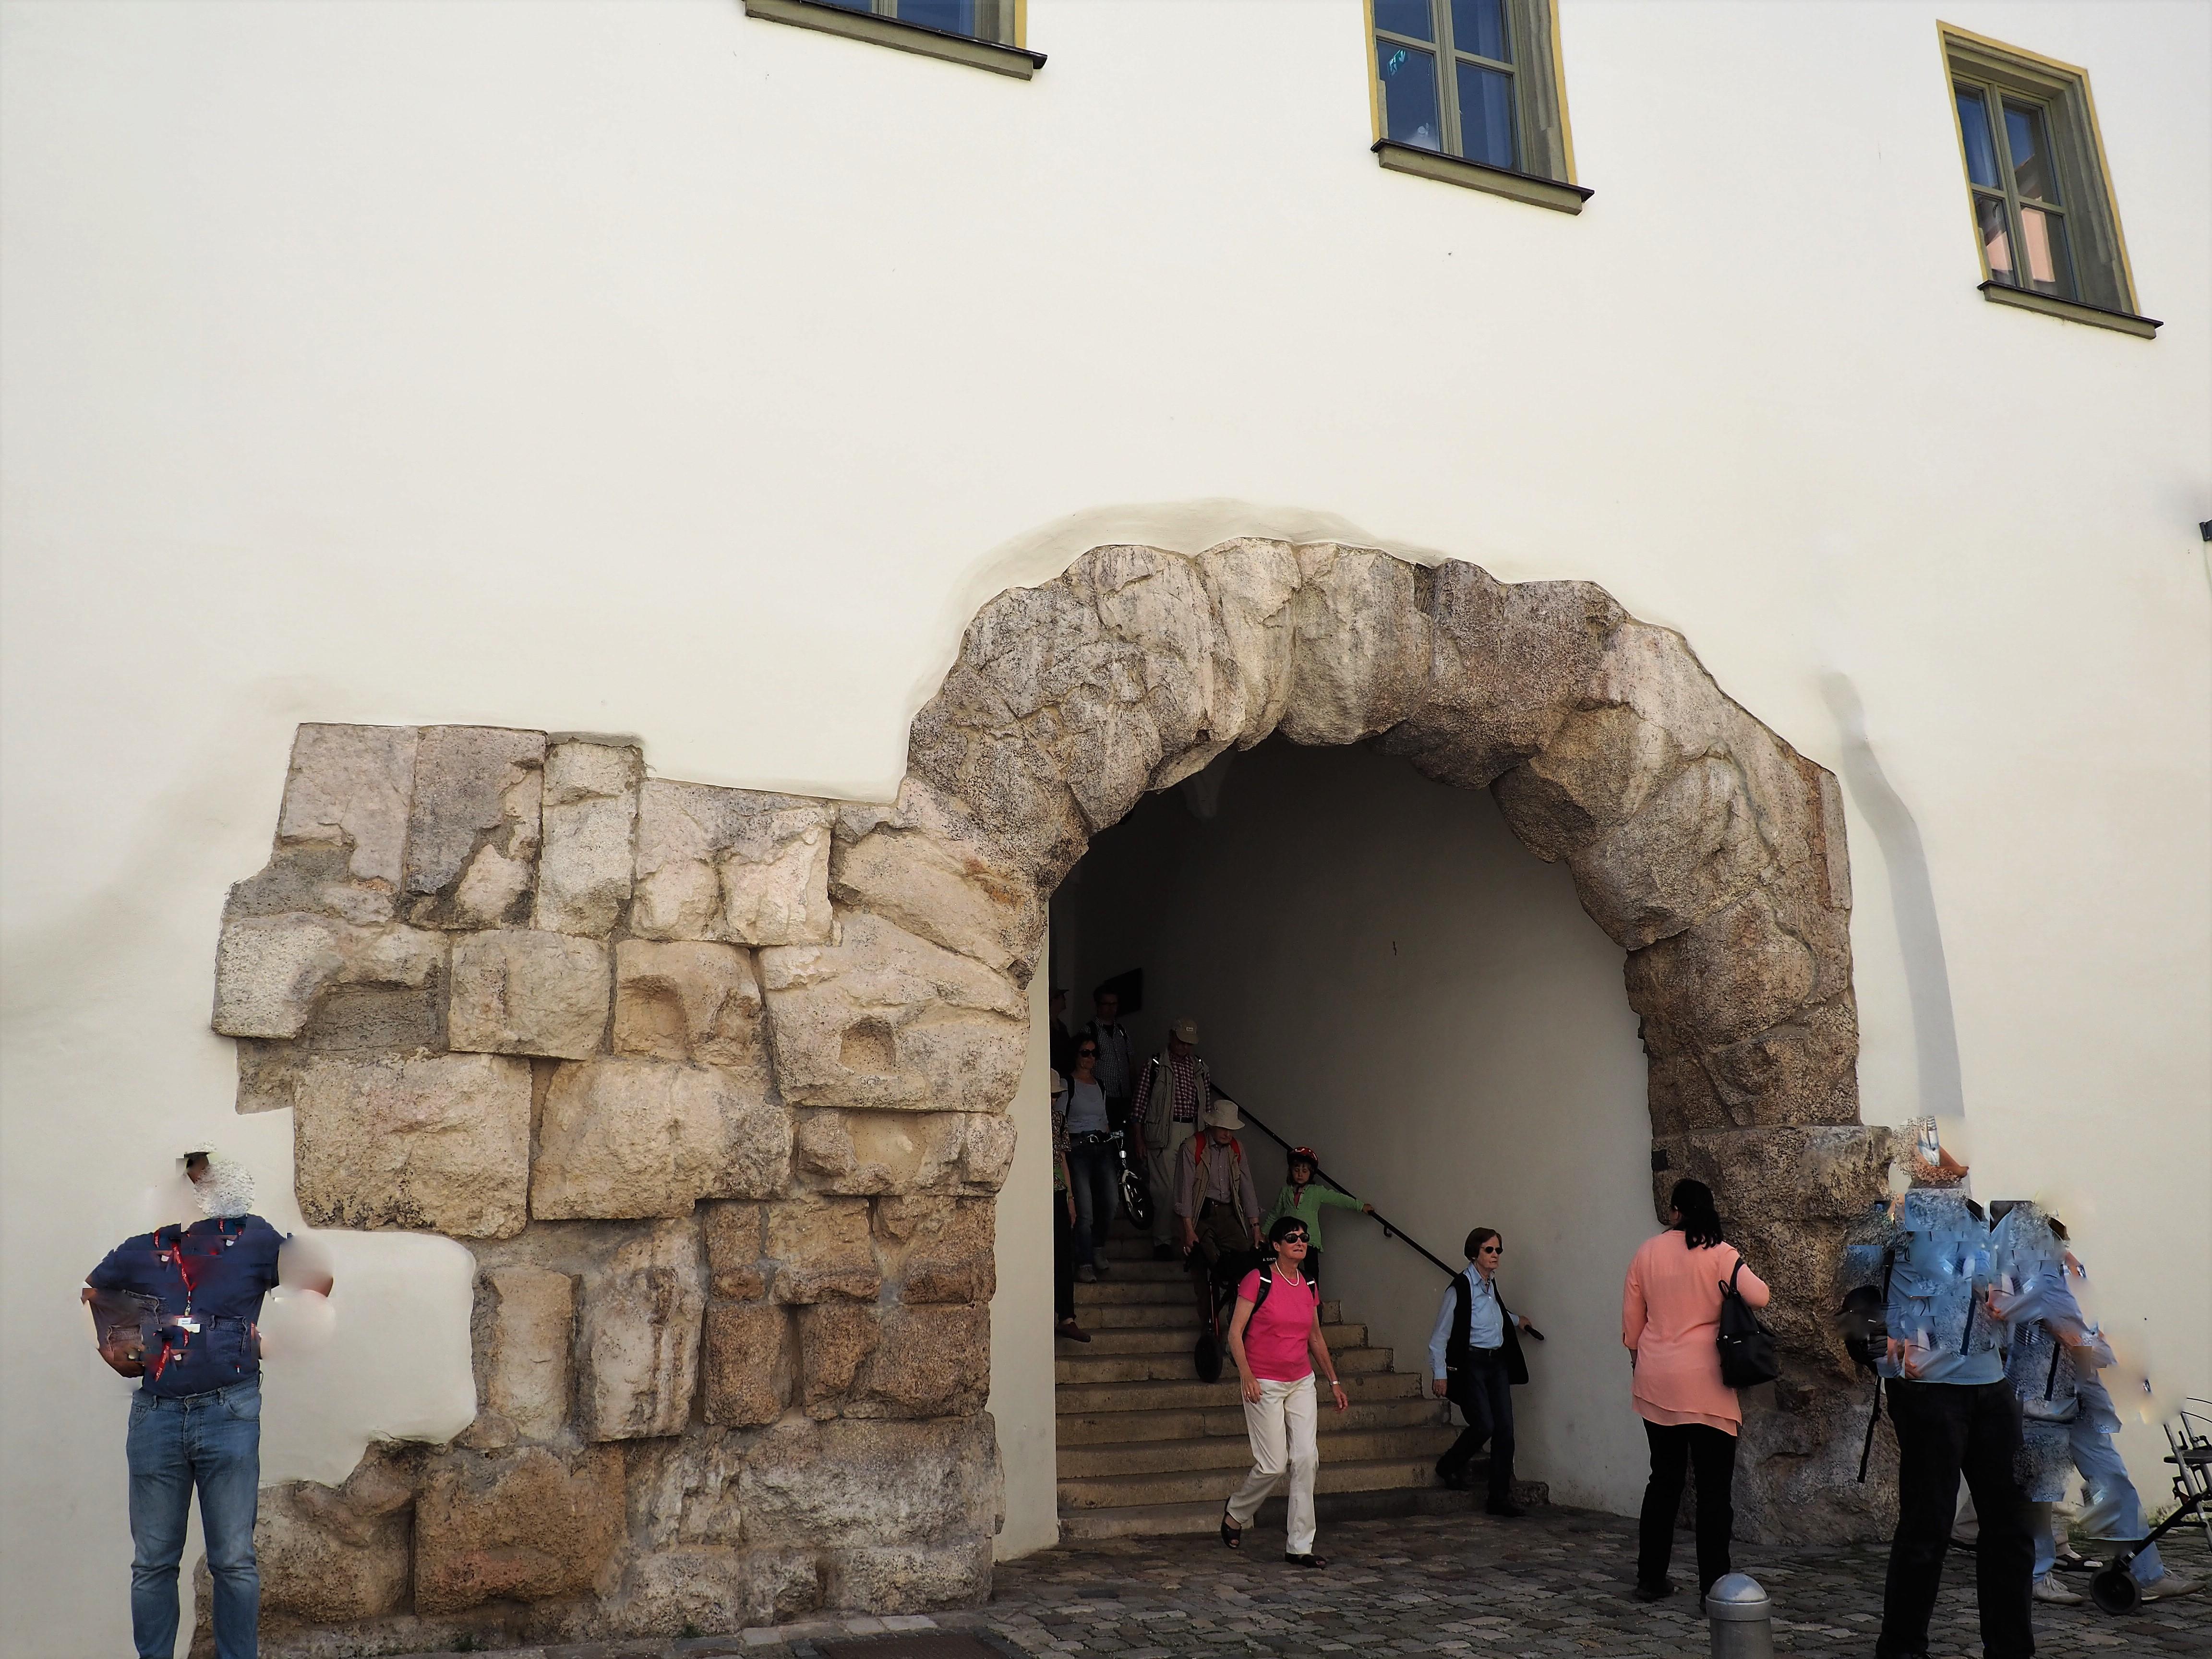 Porta praetoria ist ein römisches Tor in Regensburg